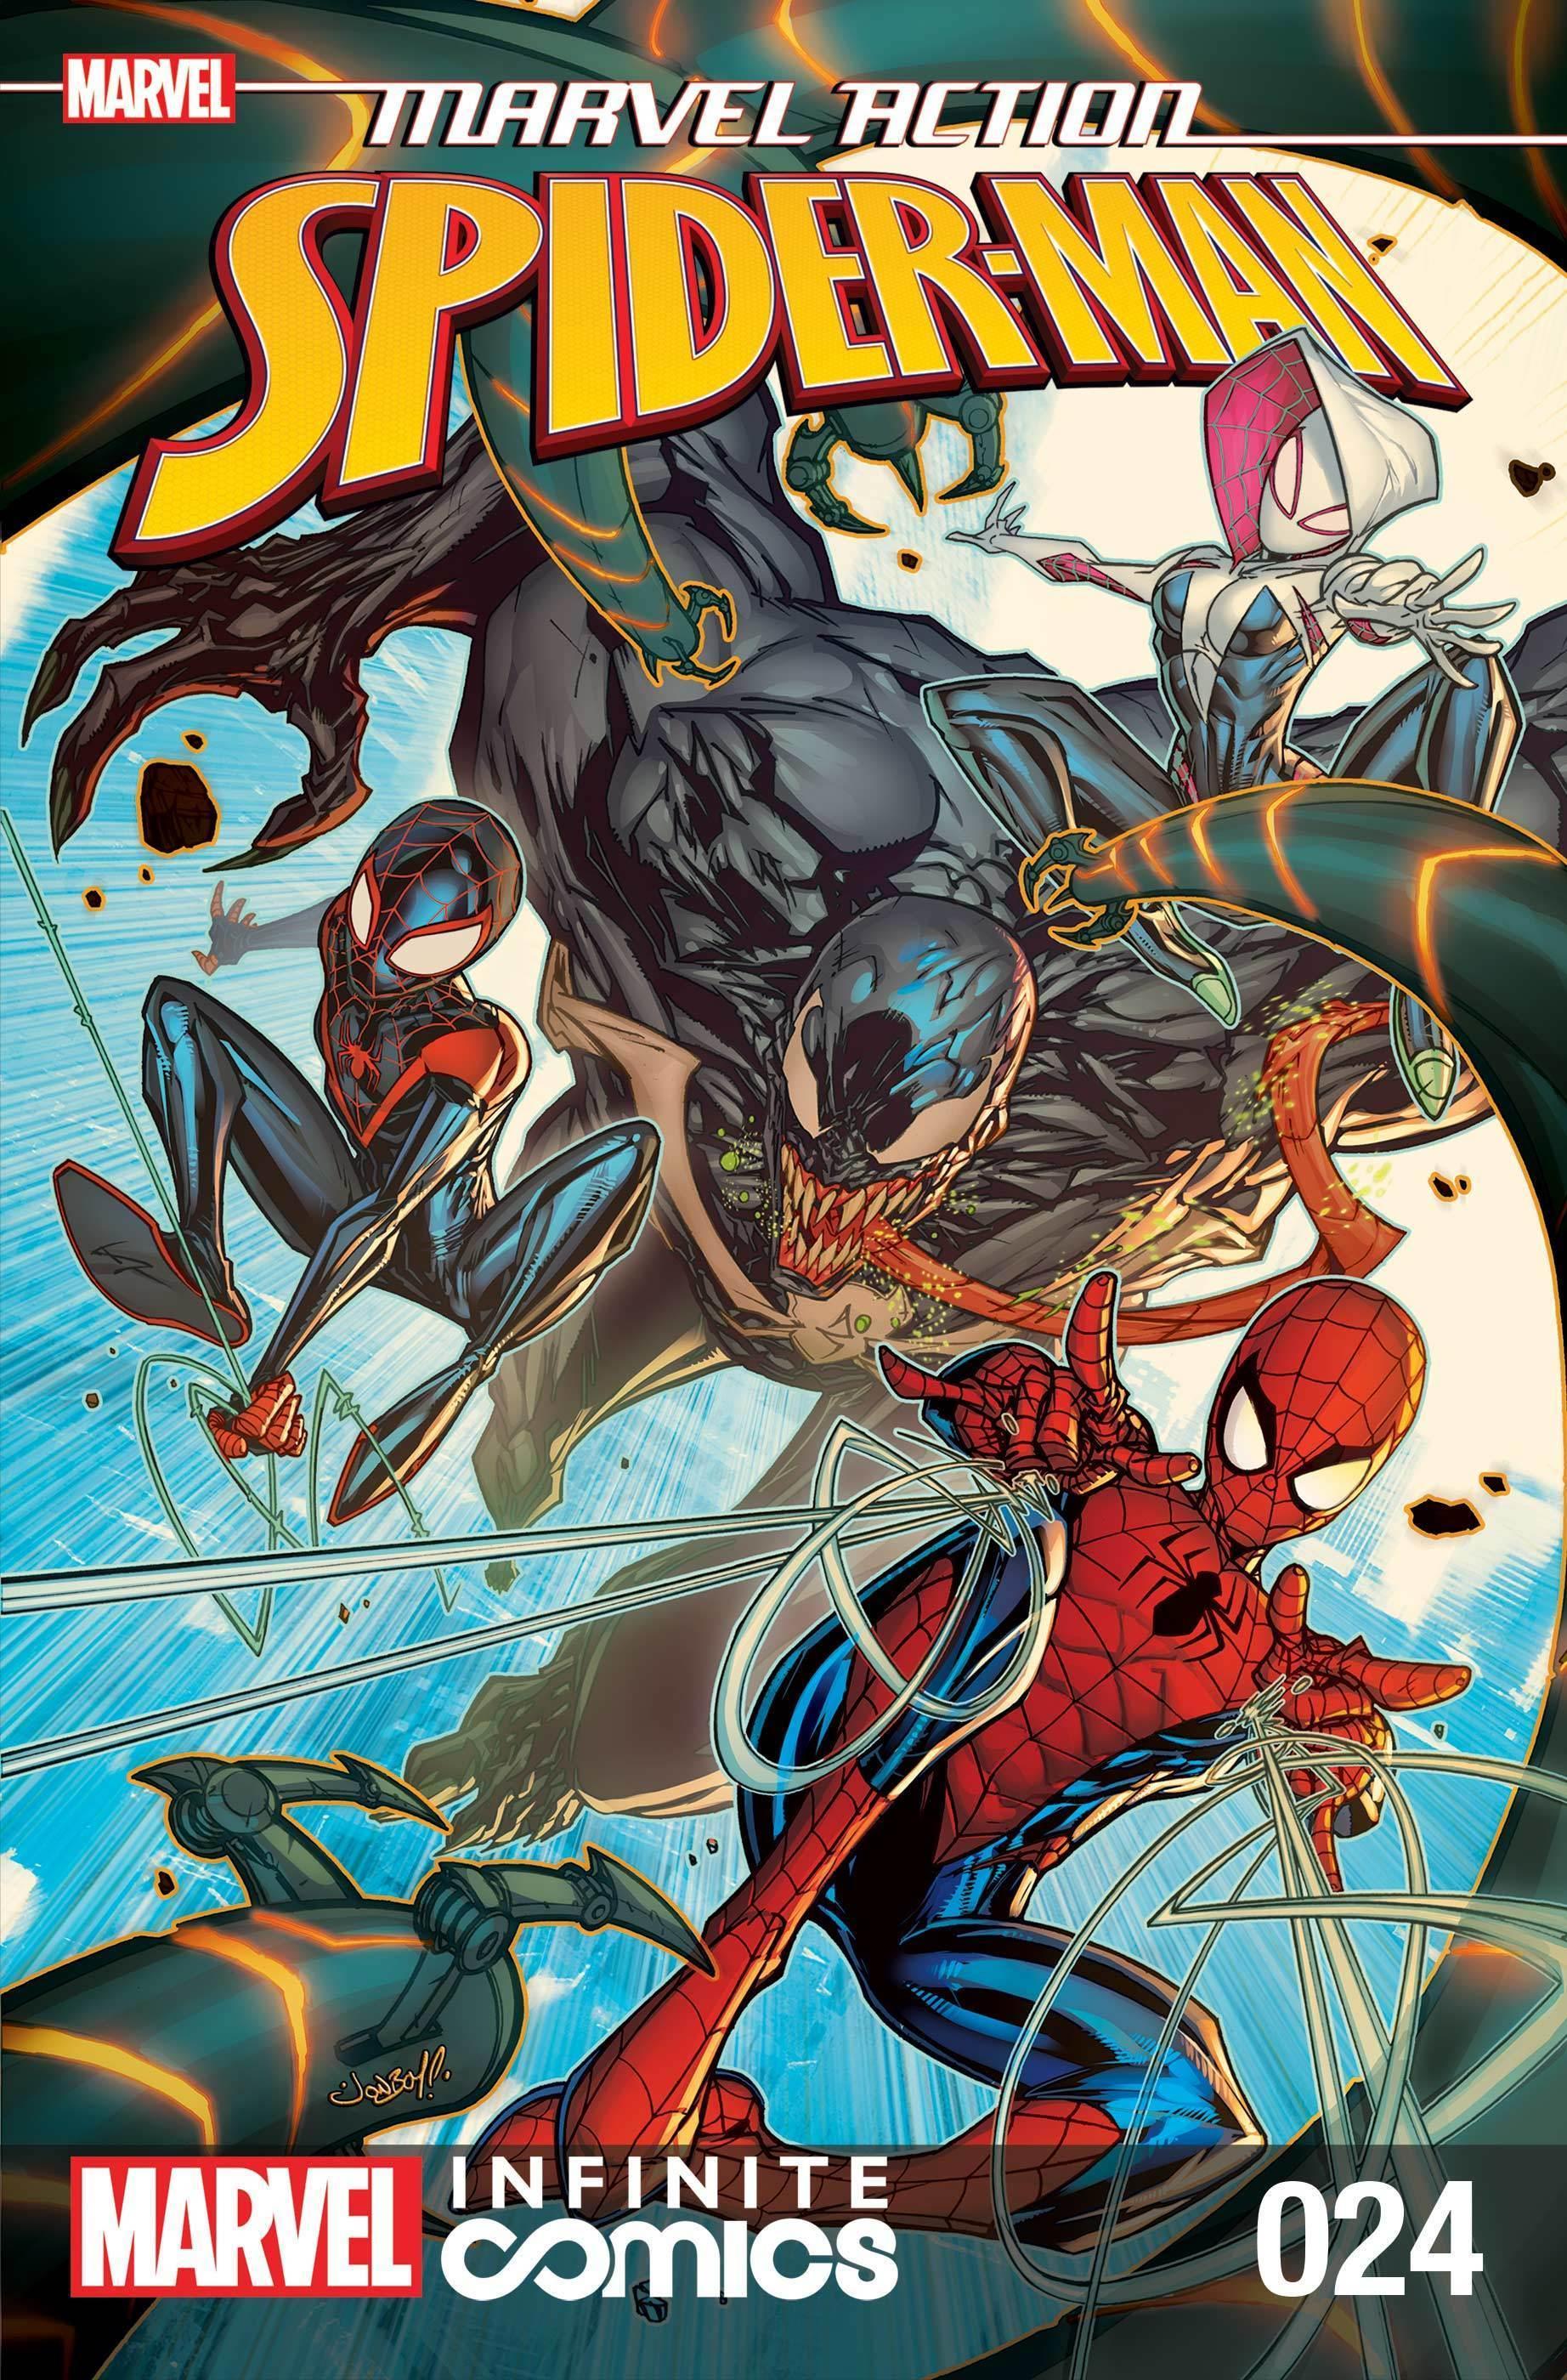 Marvel Action Spider-Man #24